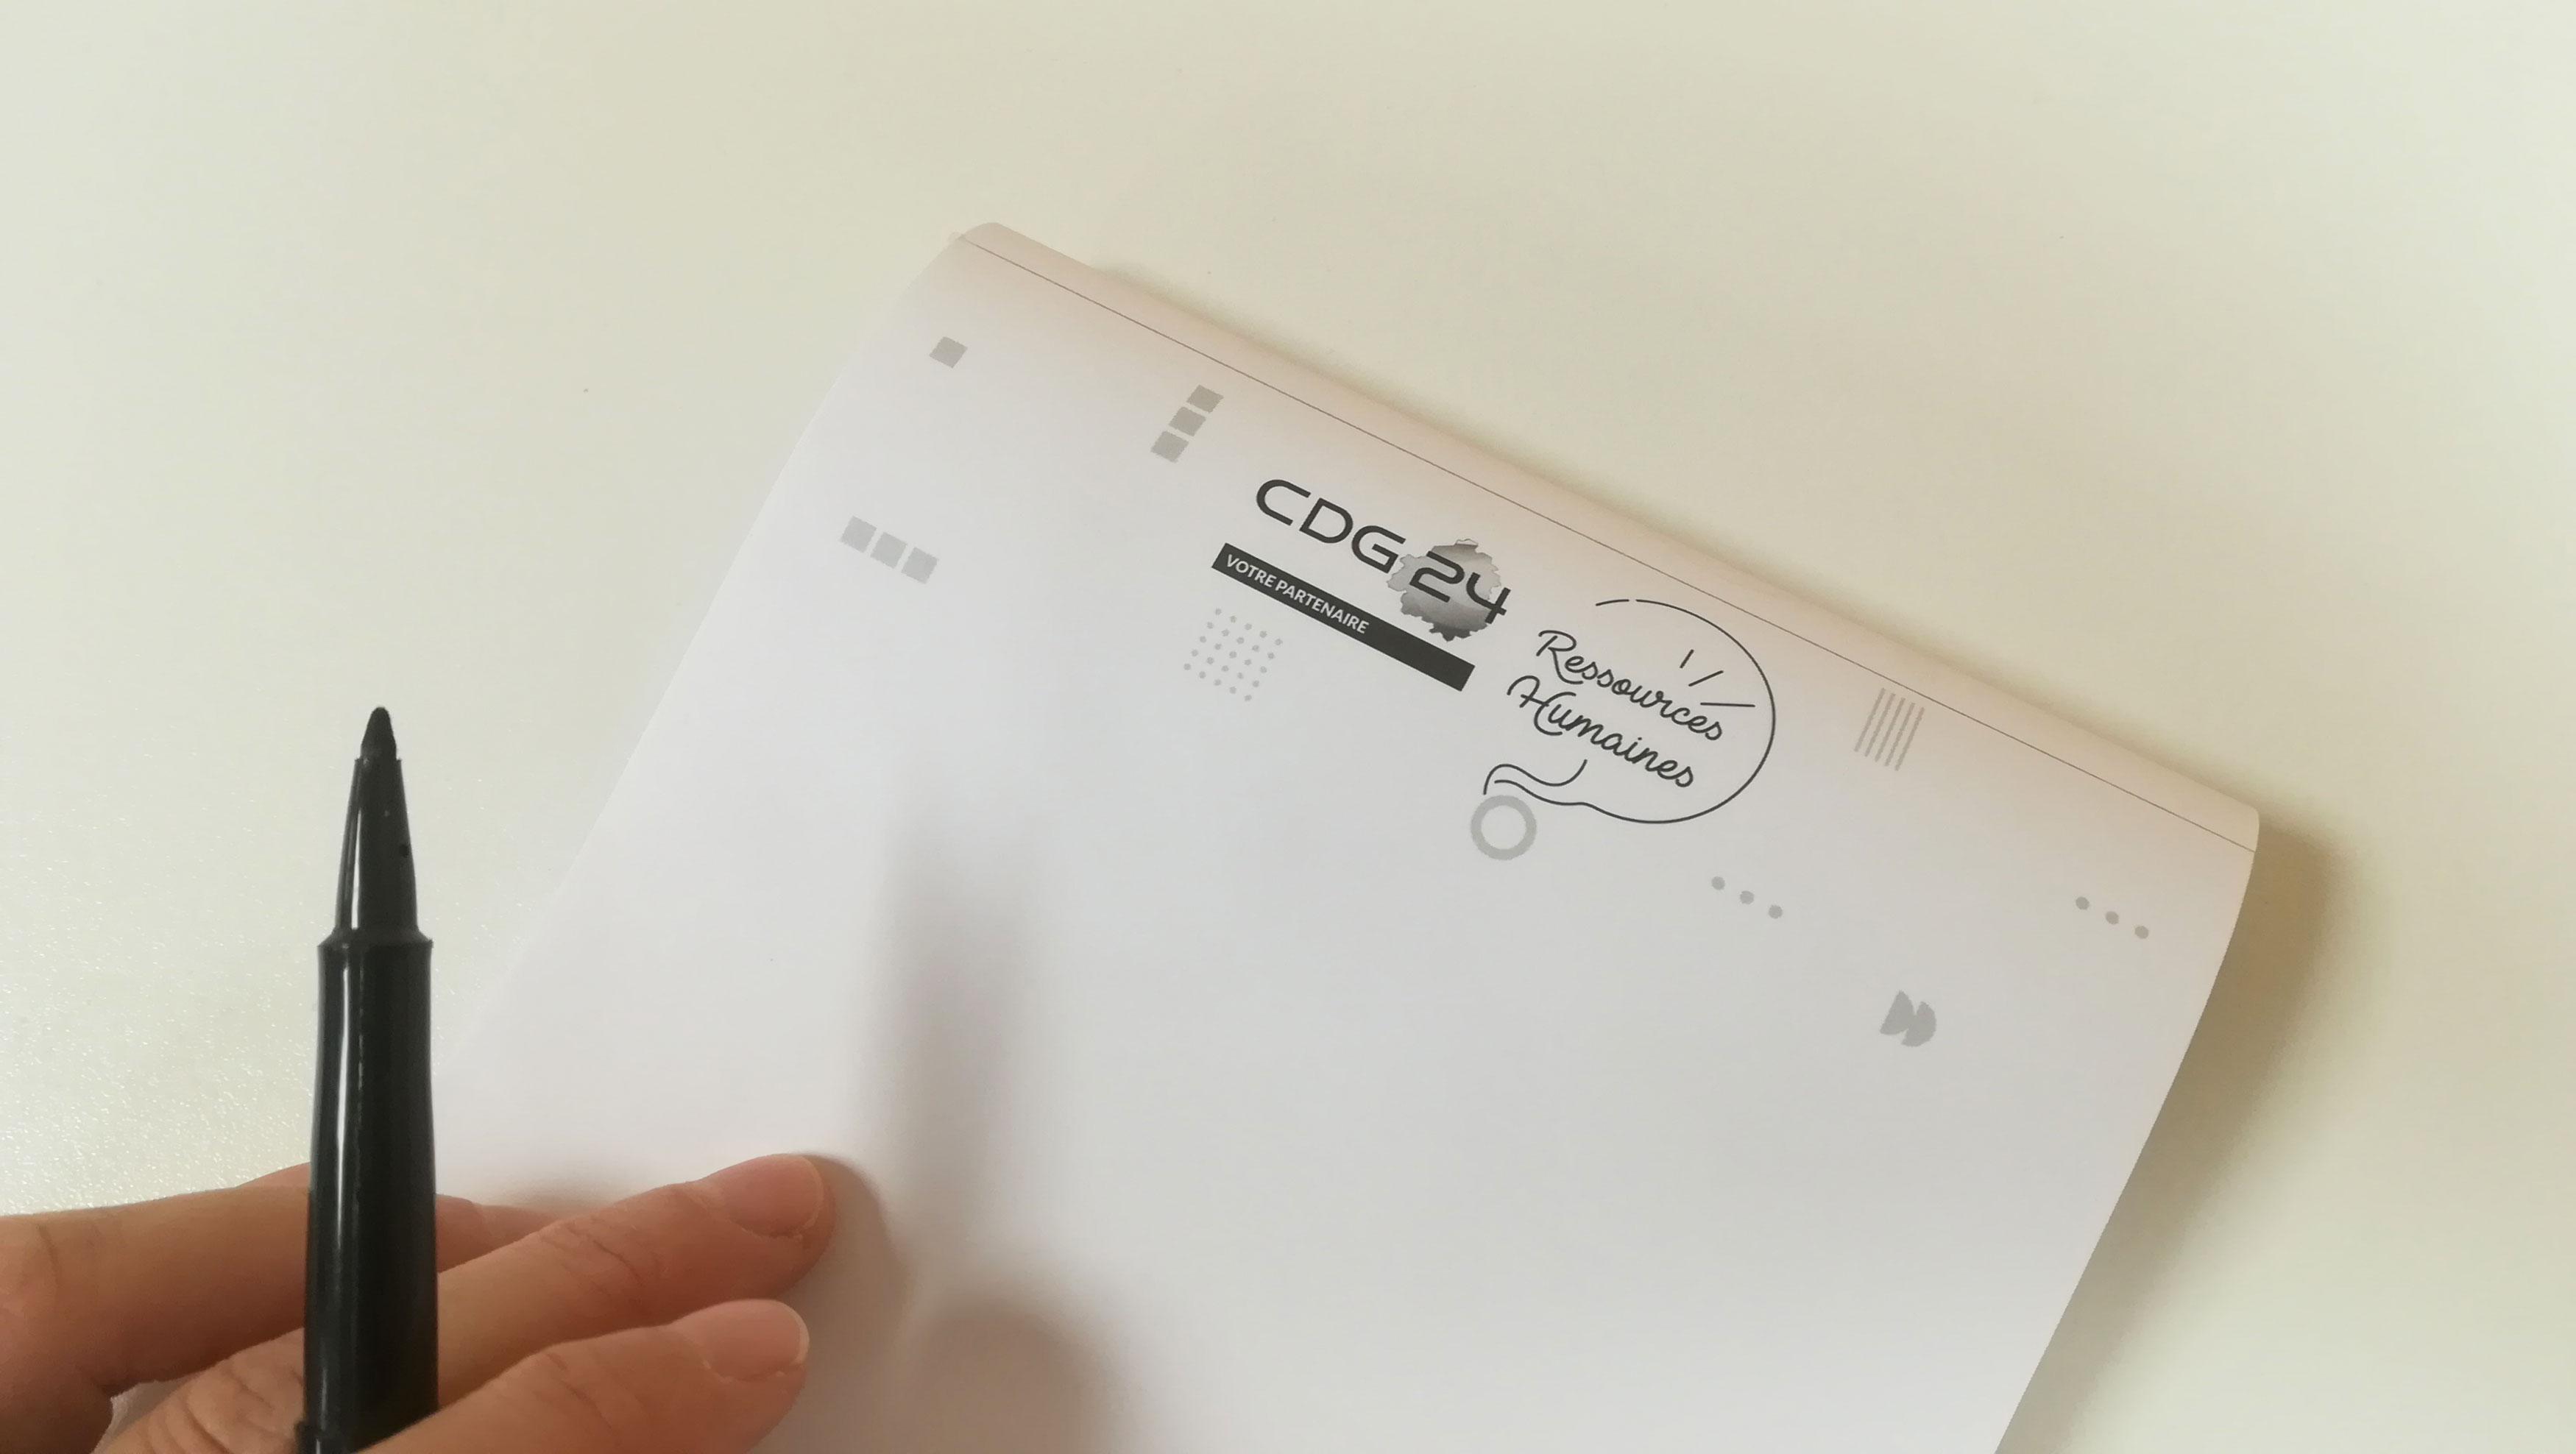 creation-bloc-note-centre-de-gestion-de-la-fonction-publique-cdg24-dordogne